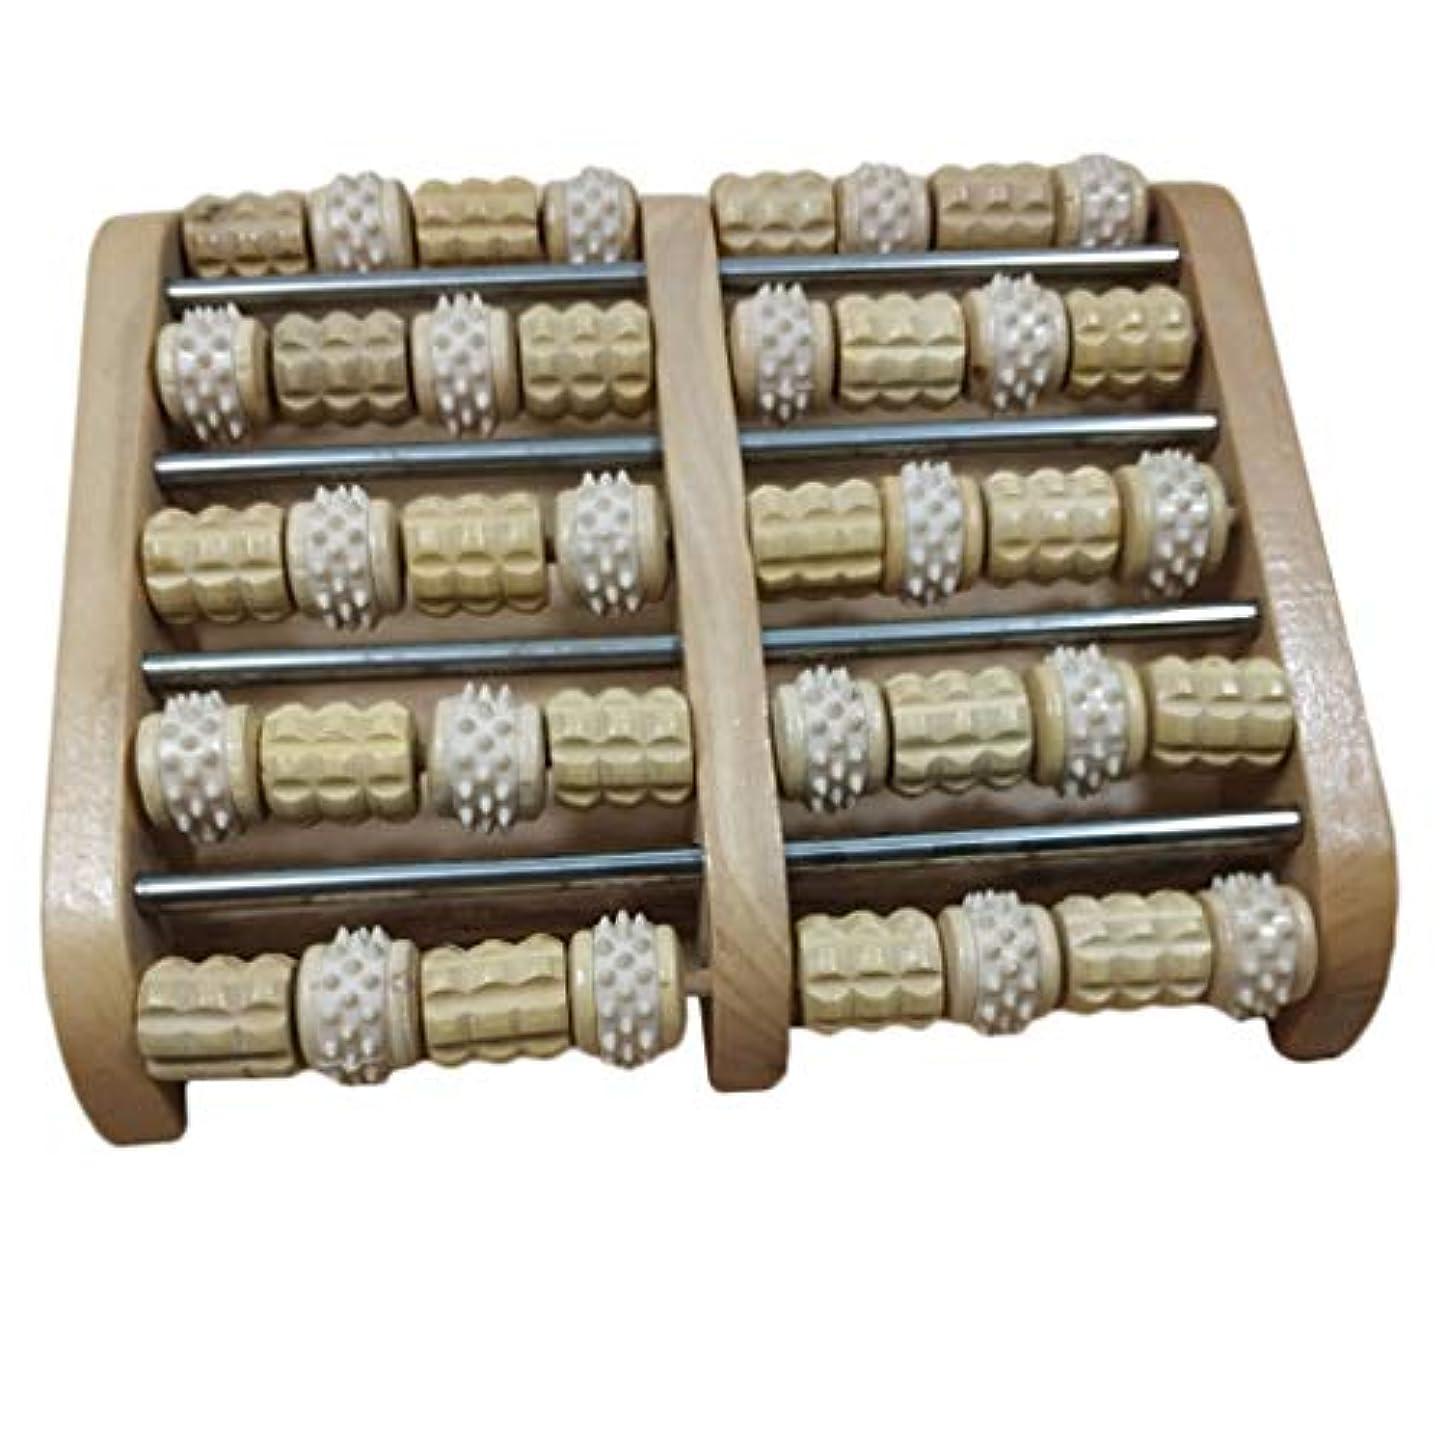 わずかなくすぐったいどのくらいの頻度でデュアルフットマッサージローラー 家庭用 サロン用 フットマッサージ 木製 高品質